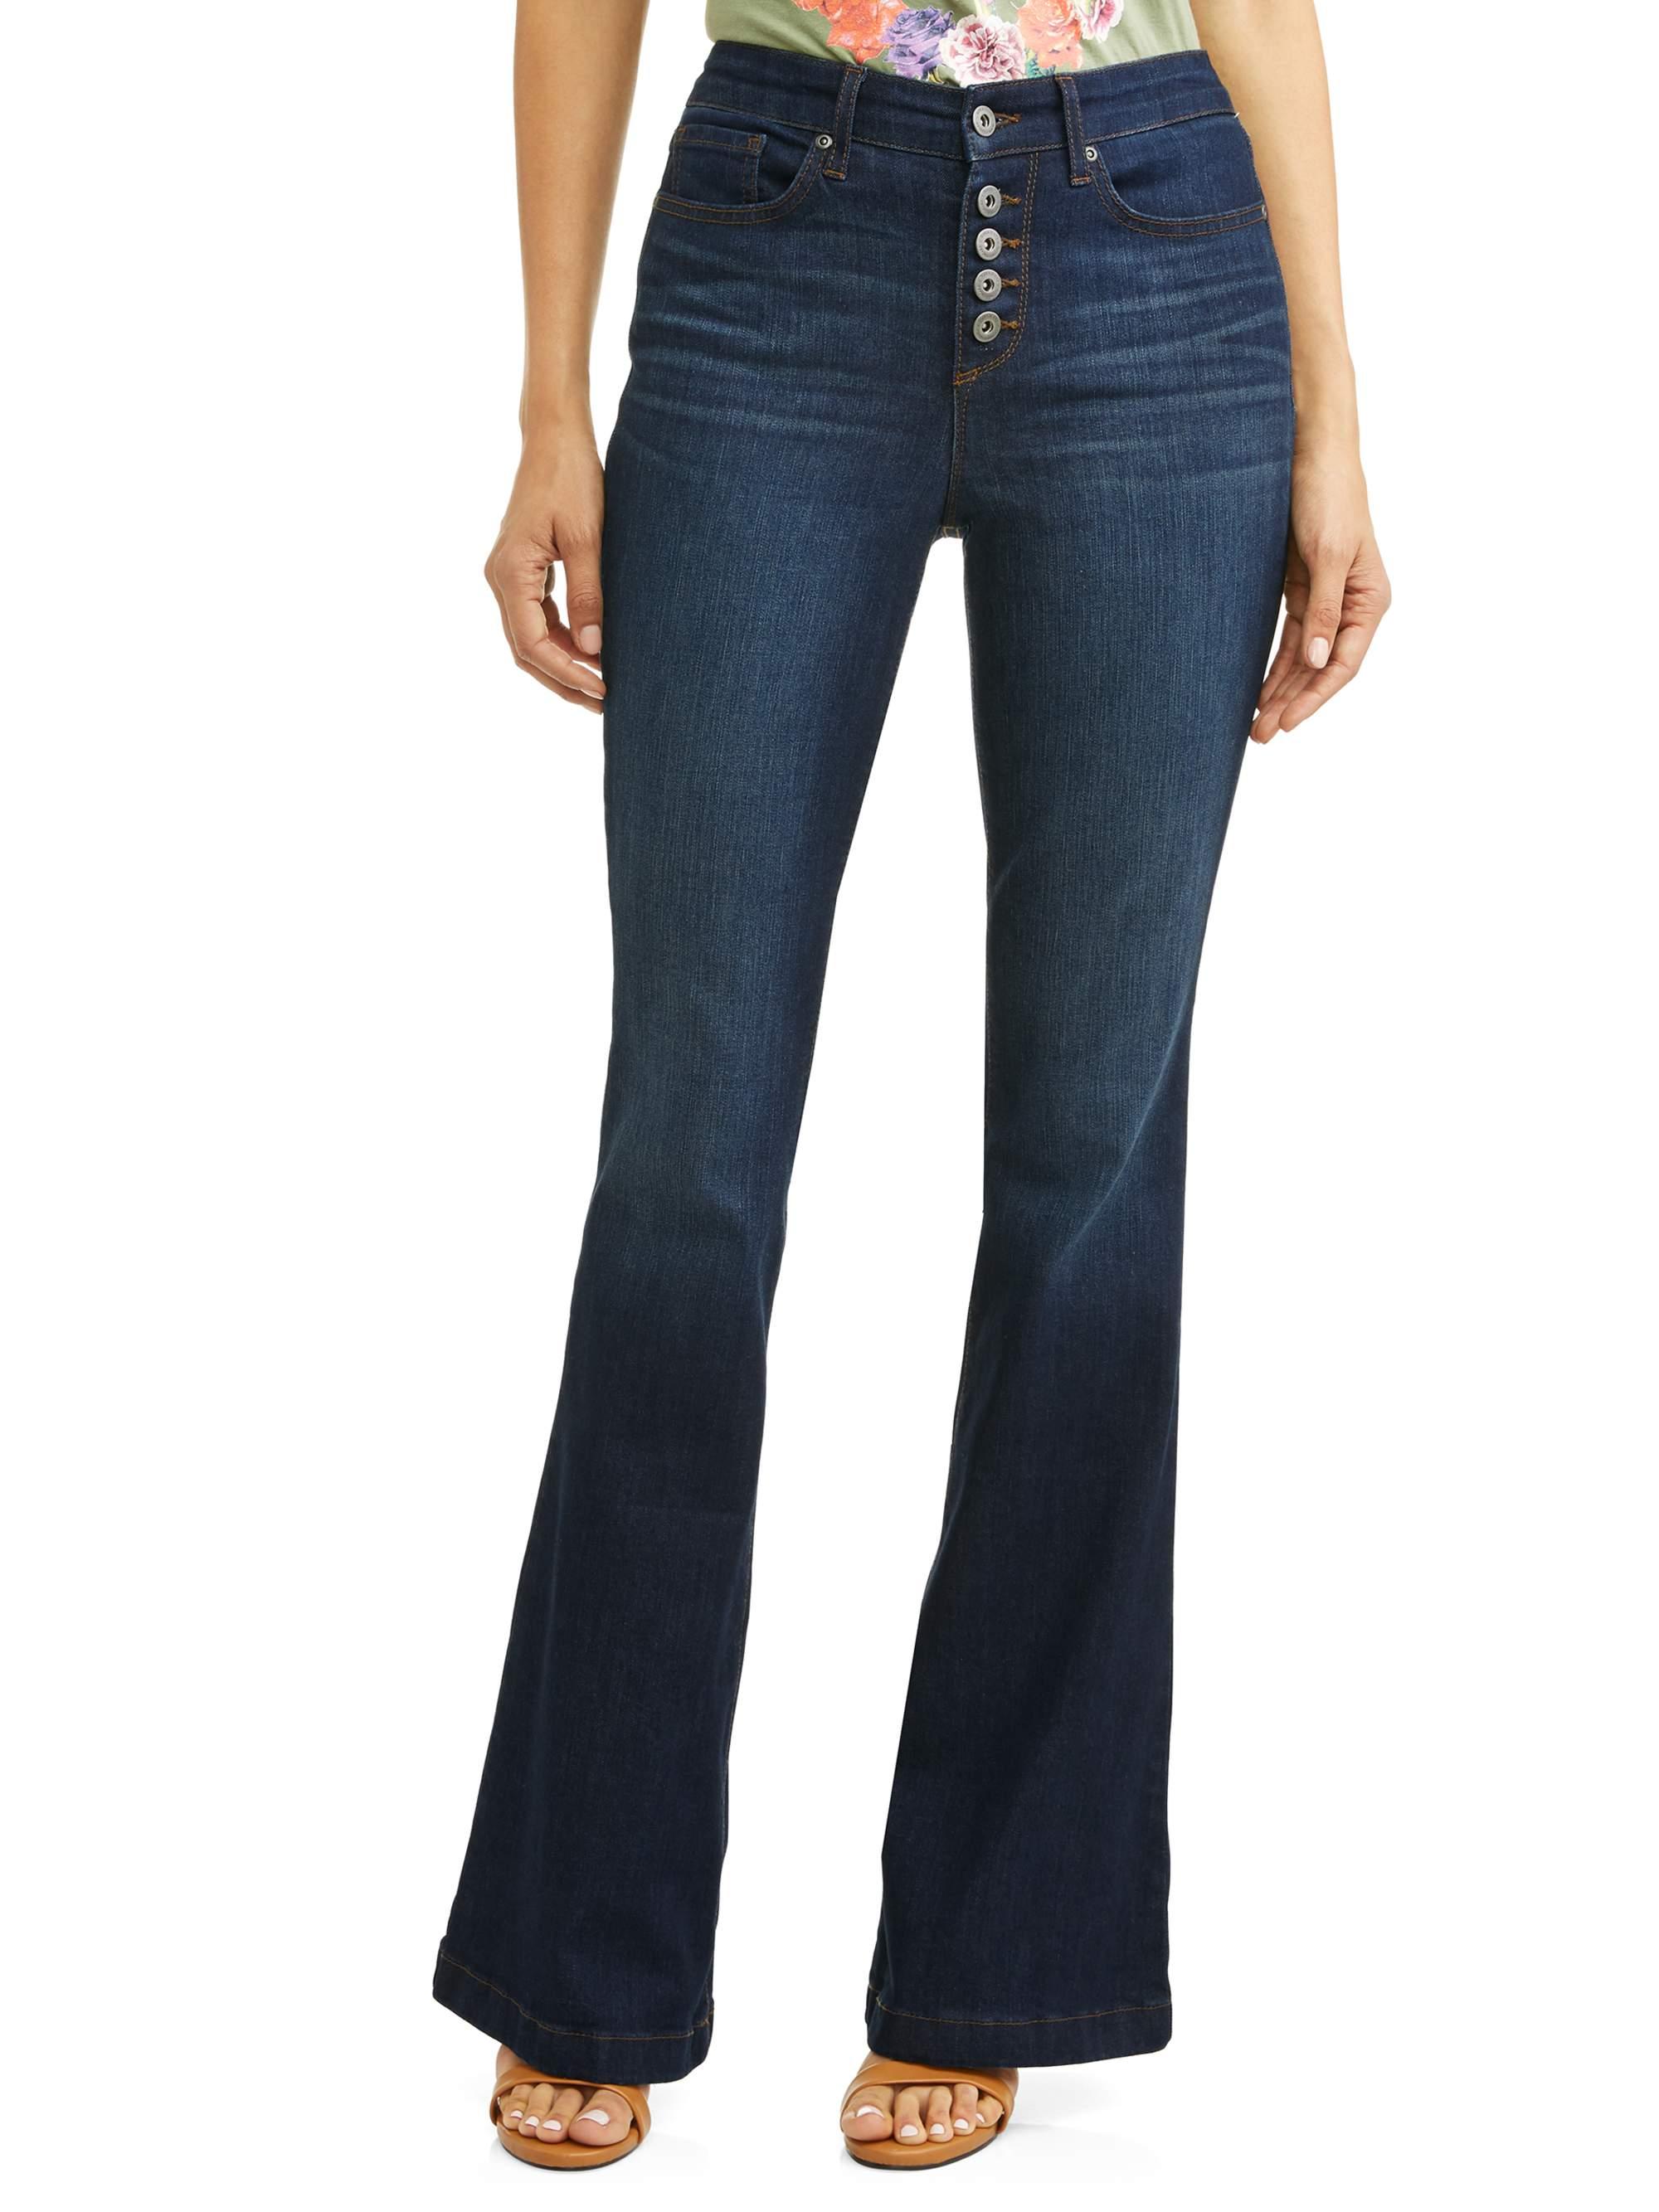 Sofía Jeans by Sofía Vergara, Melisa High Waist Stretch Flare Jean Women's (Dark Indigo Wash)